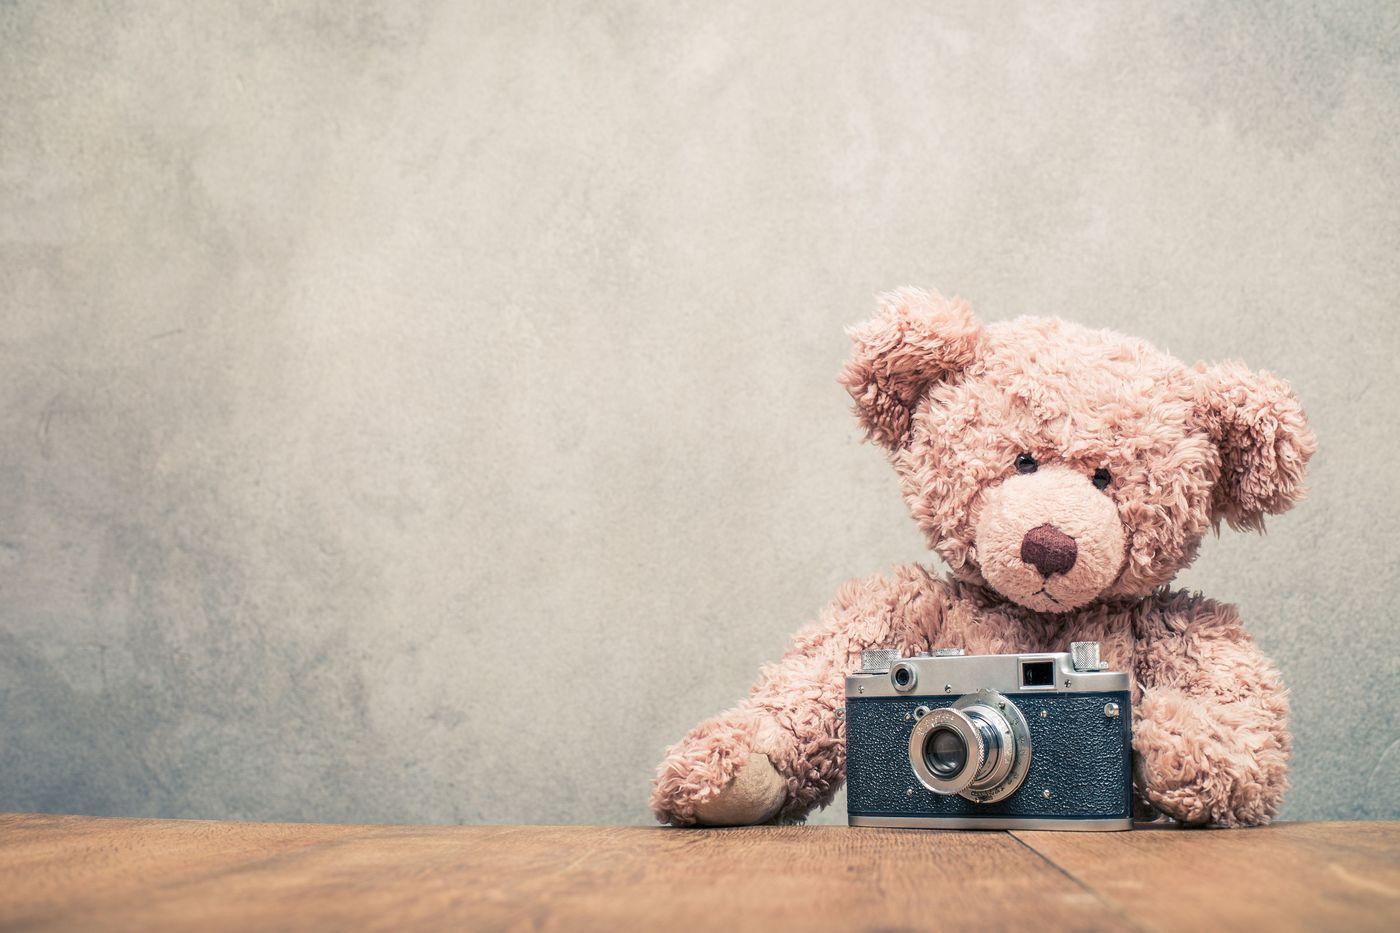 【レトロな写真を撮りたい】デジタルトイカメラの世界へようこそ♡の1枚目の画像